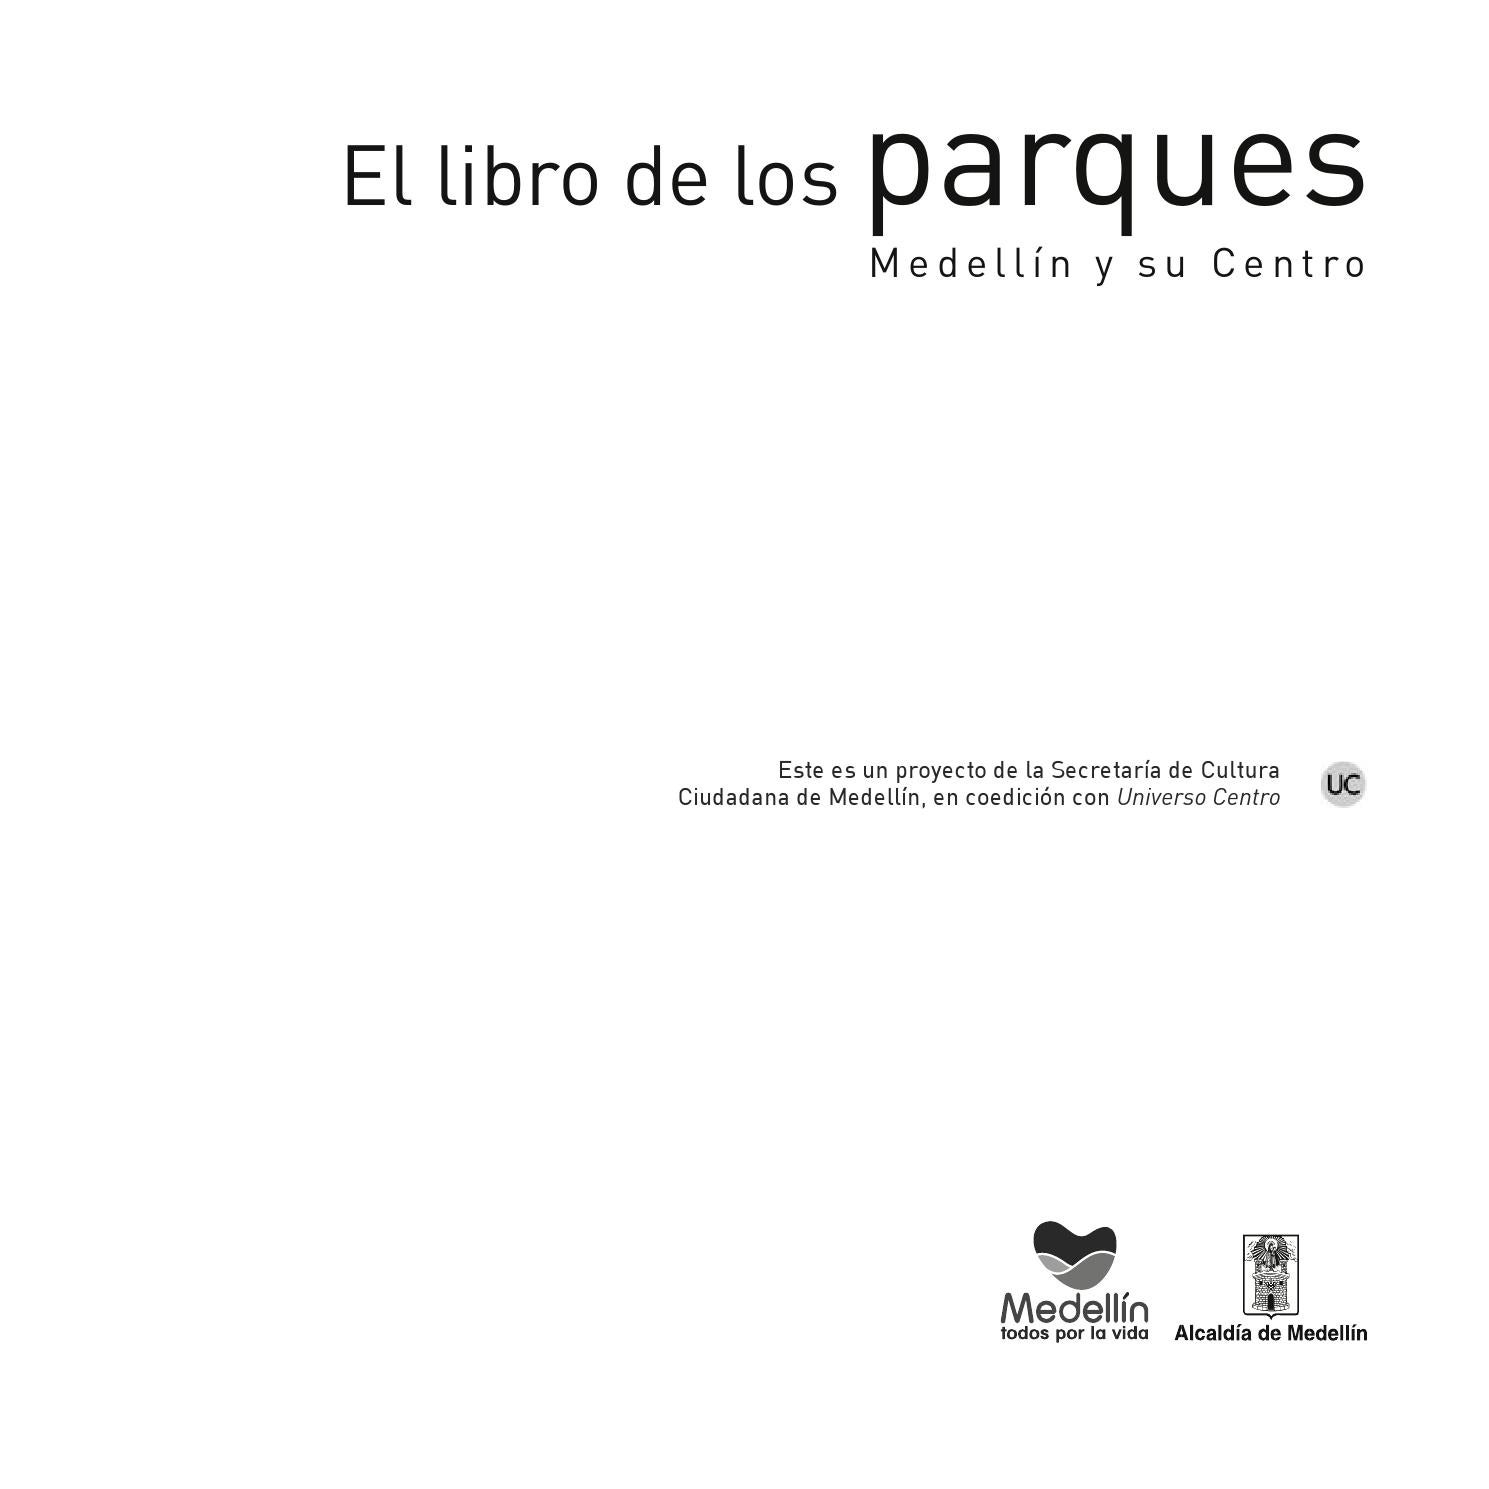 EL LIBRO DE LOS PARQUES   Medellín y su Centro by VIVA la VIDA - issuu ef3952af69a